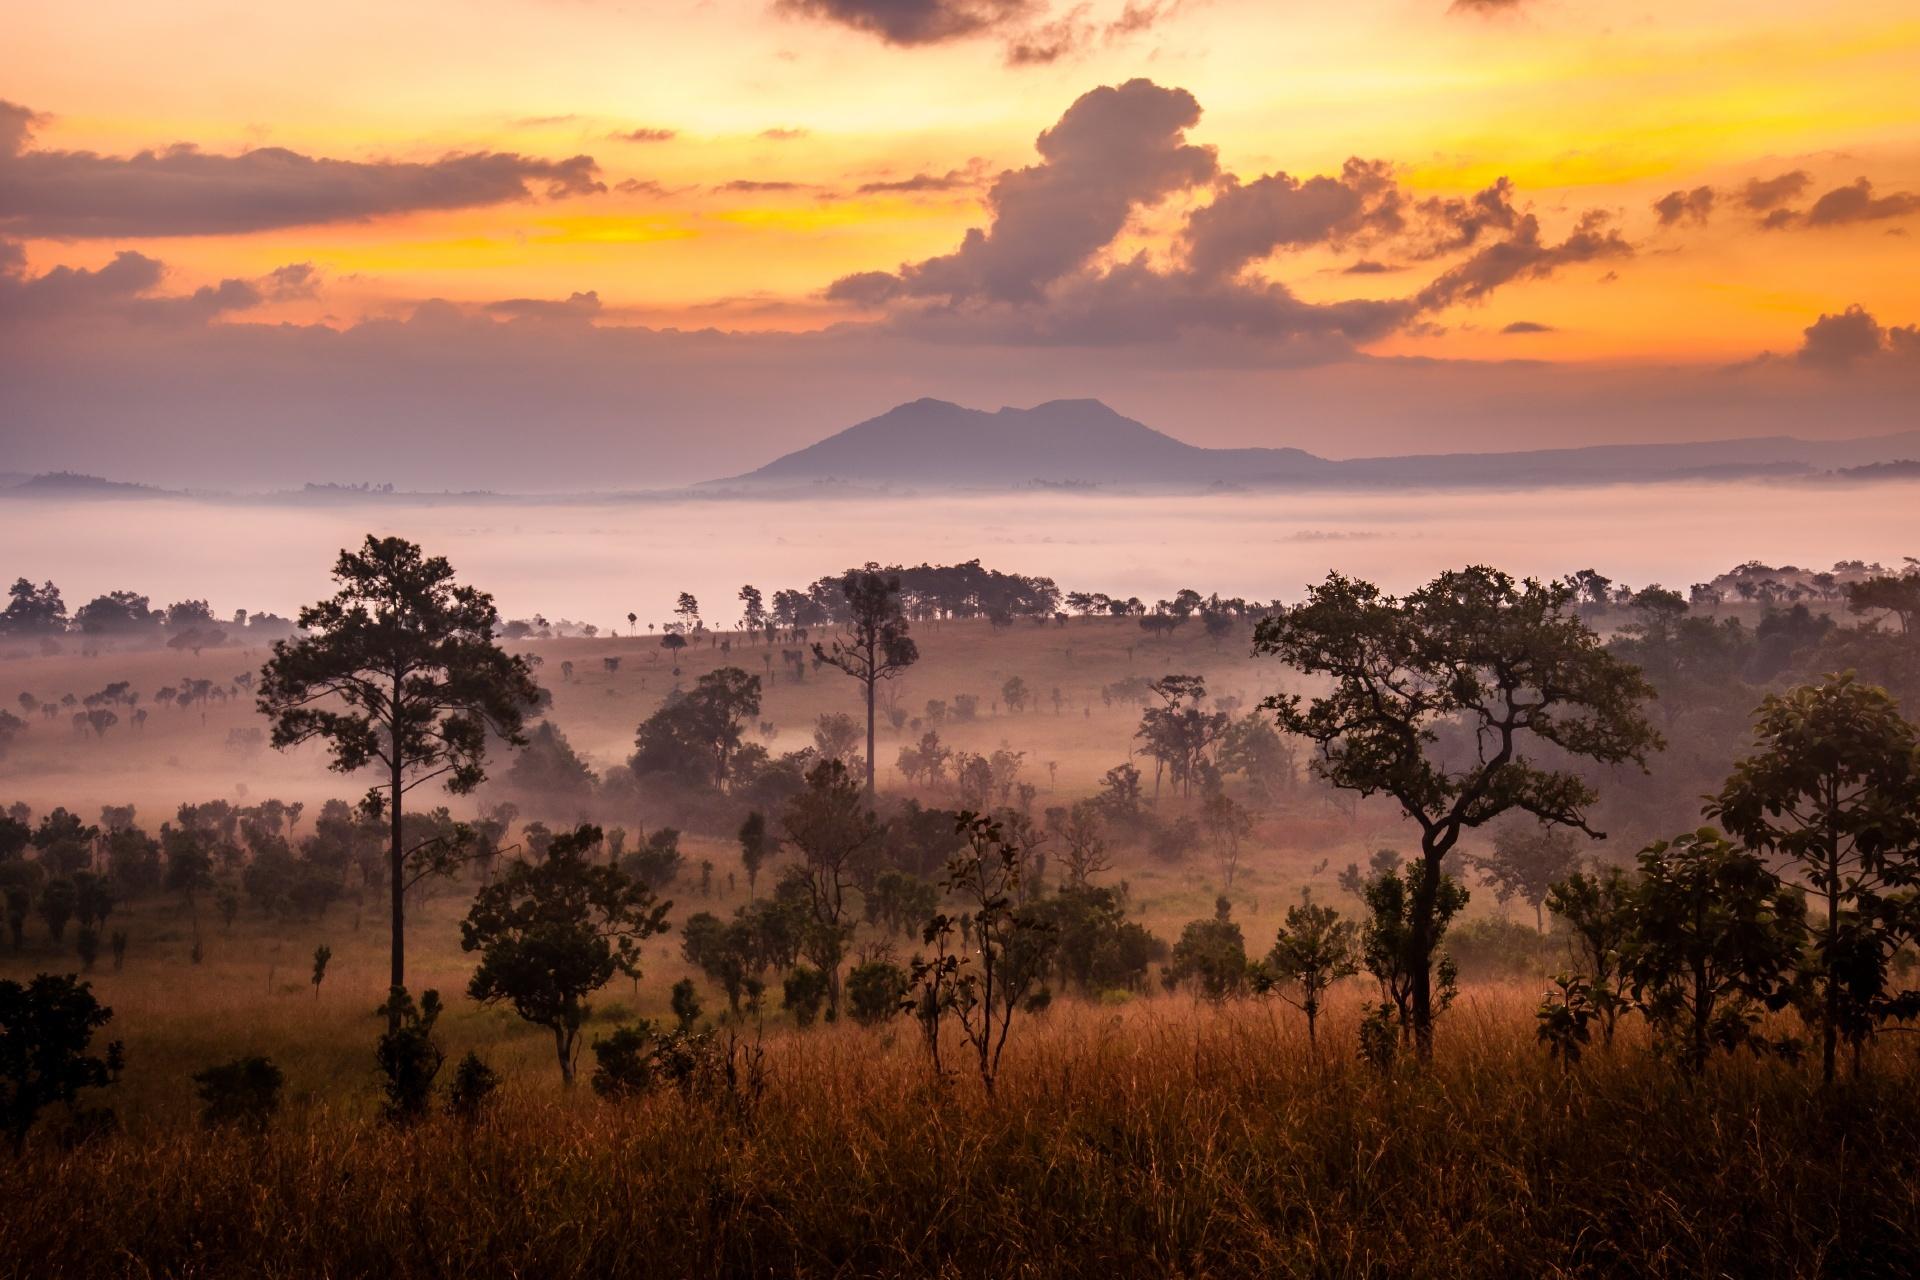 サバンナの日の出 ケニアの風景